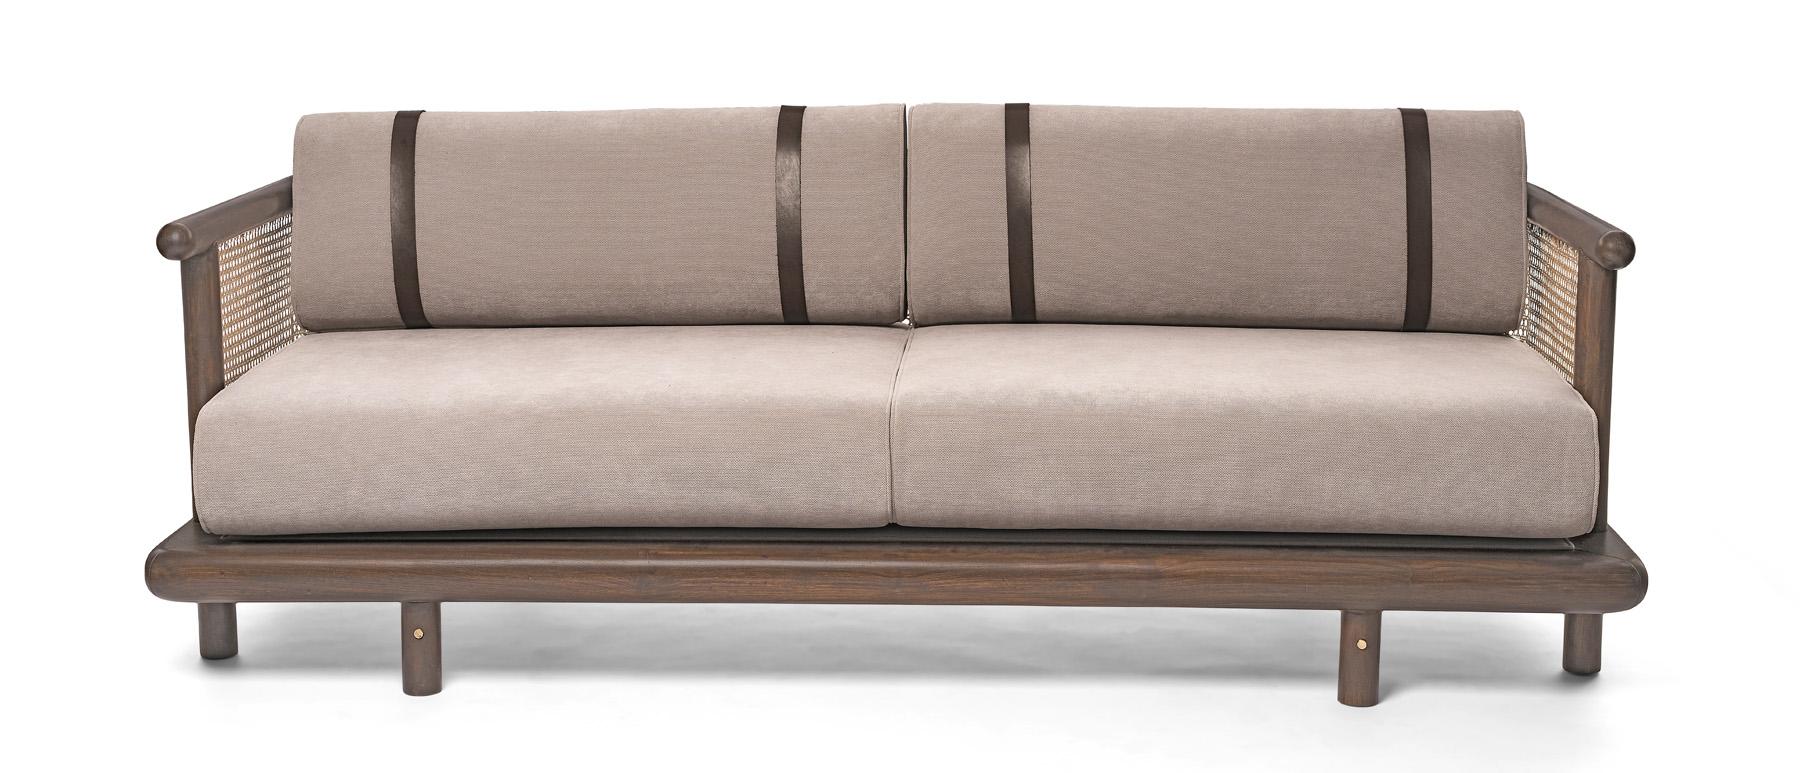 Bethak 3 Seater Sofa.jpg